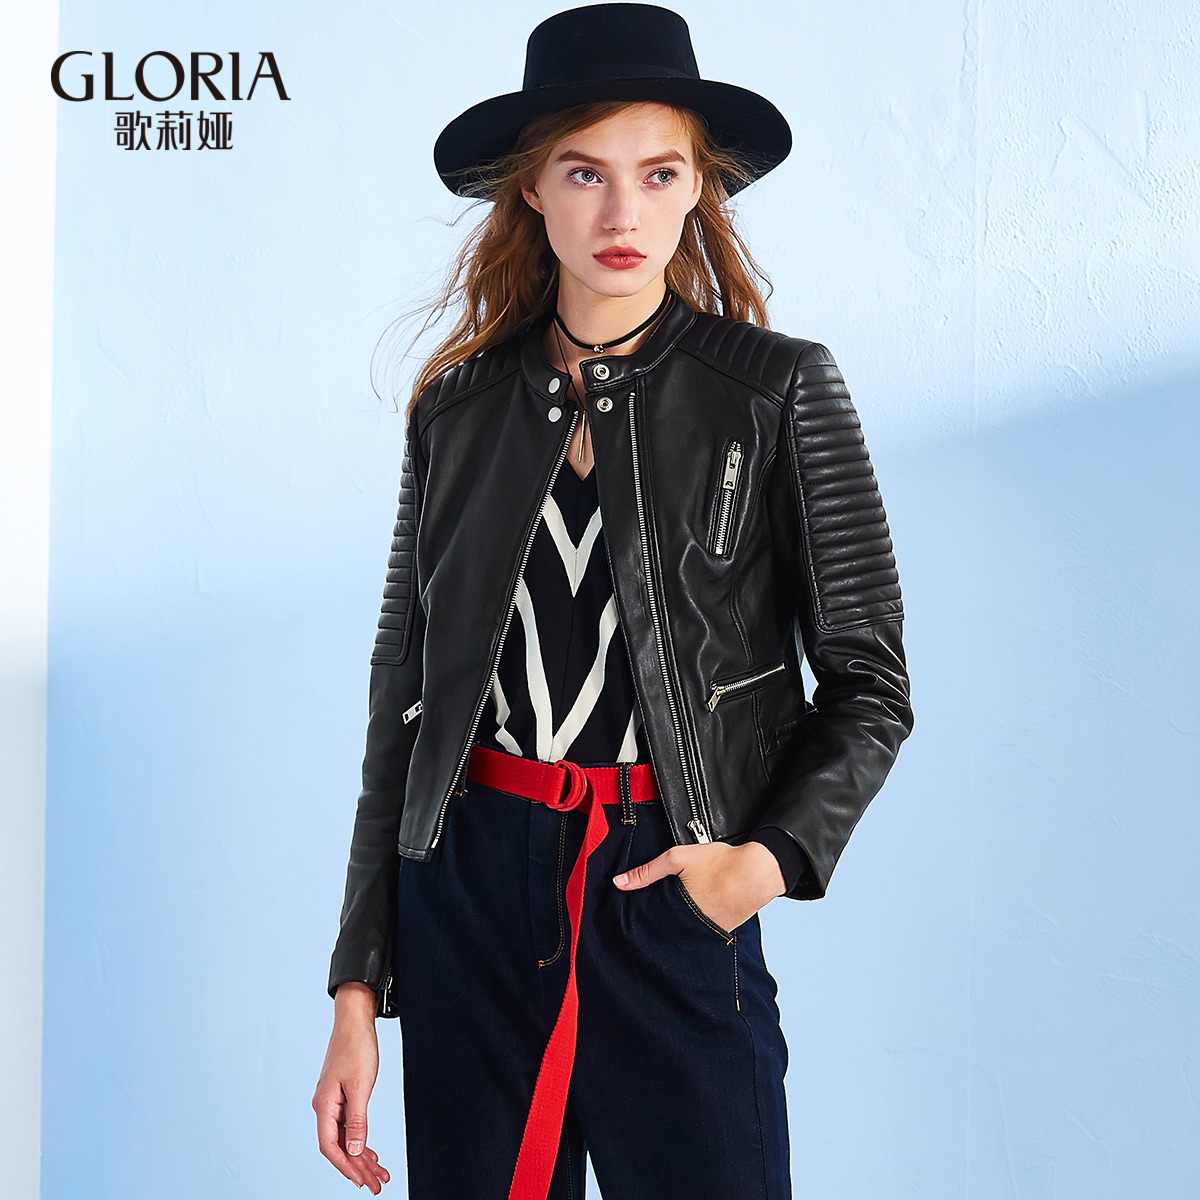 GLORIA-歌莉娅女装初冬季新品装饰拉链皮衣17CJ6F030